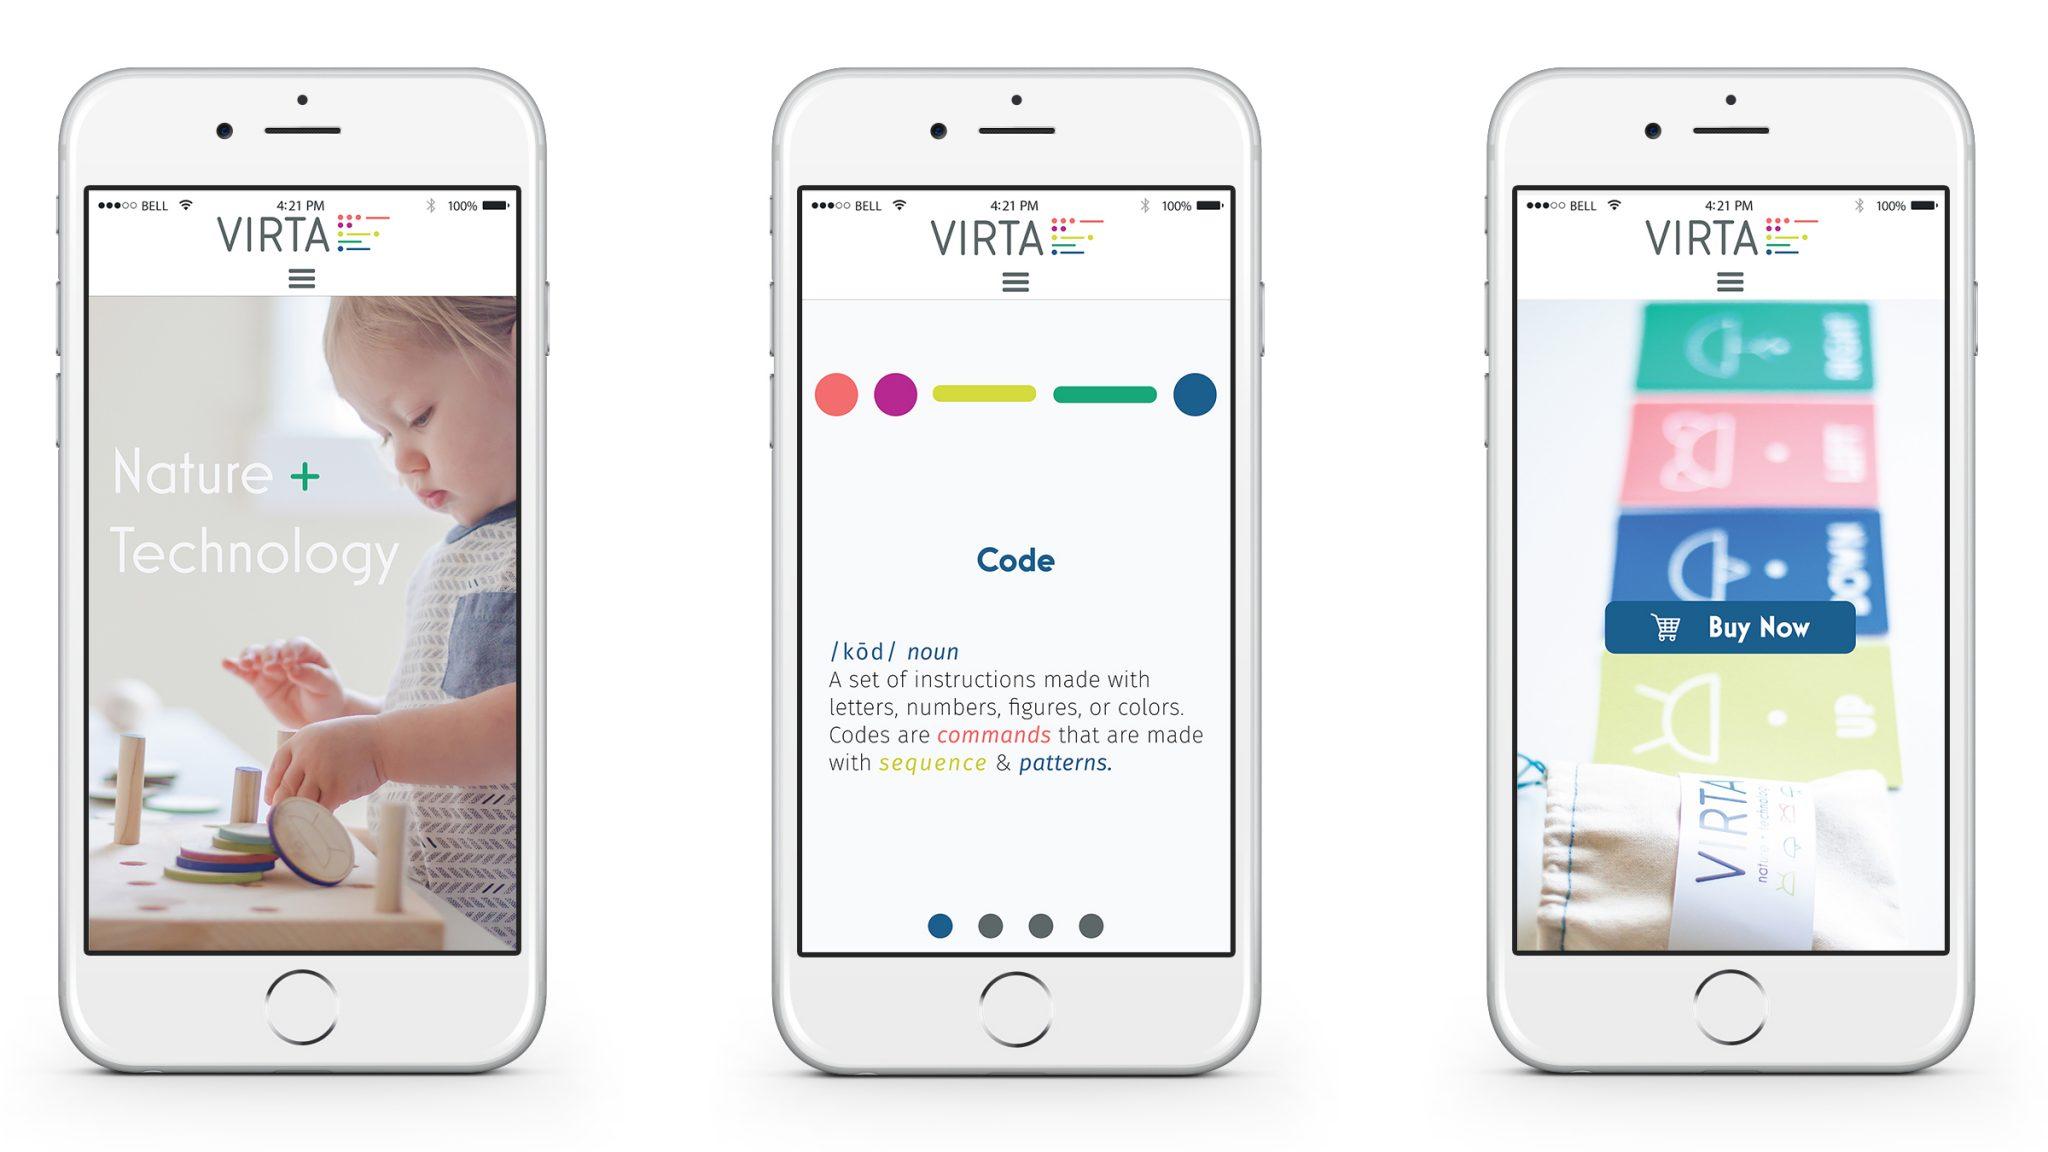 Virta Mobile Website Design